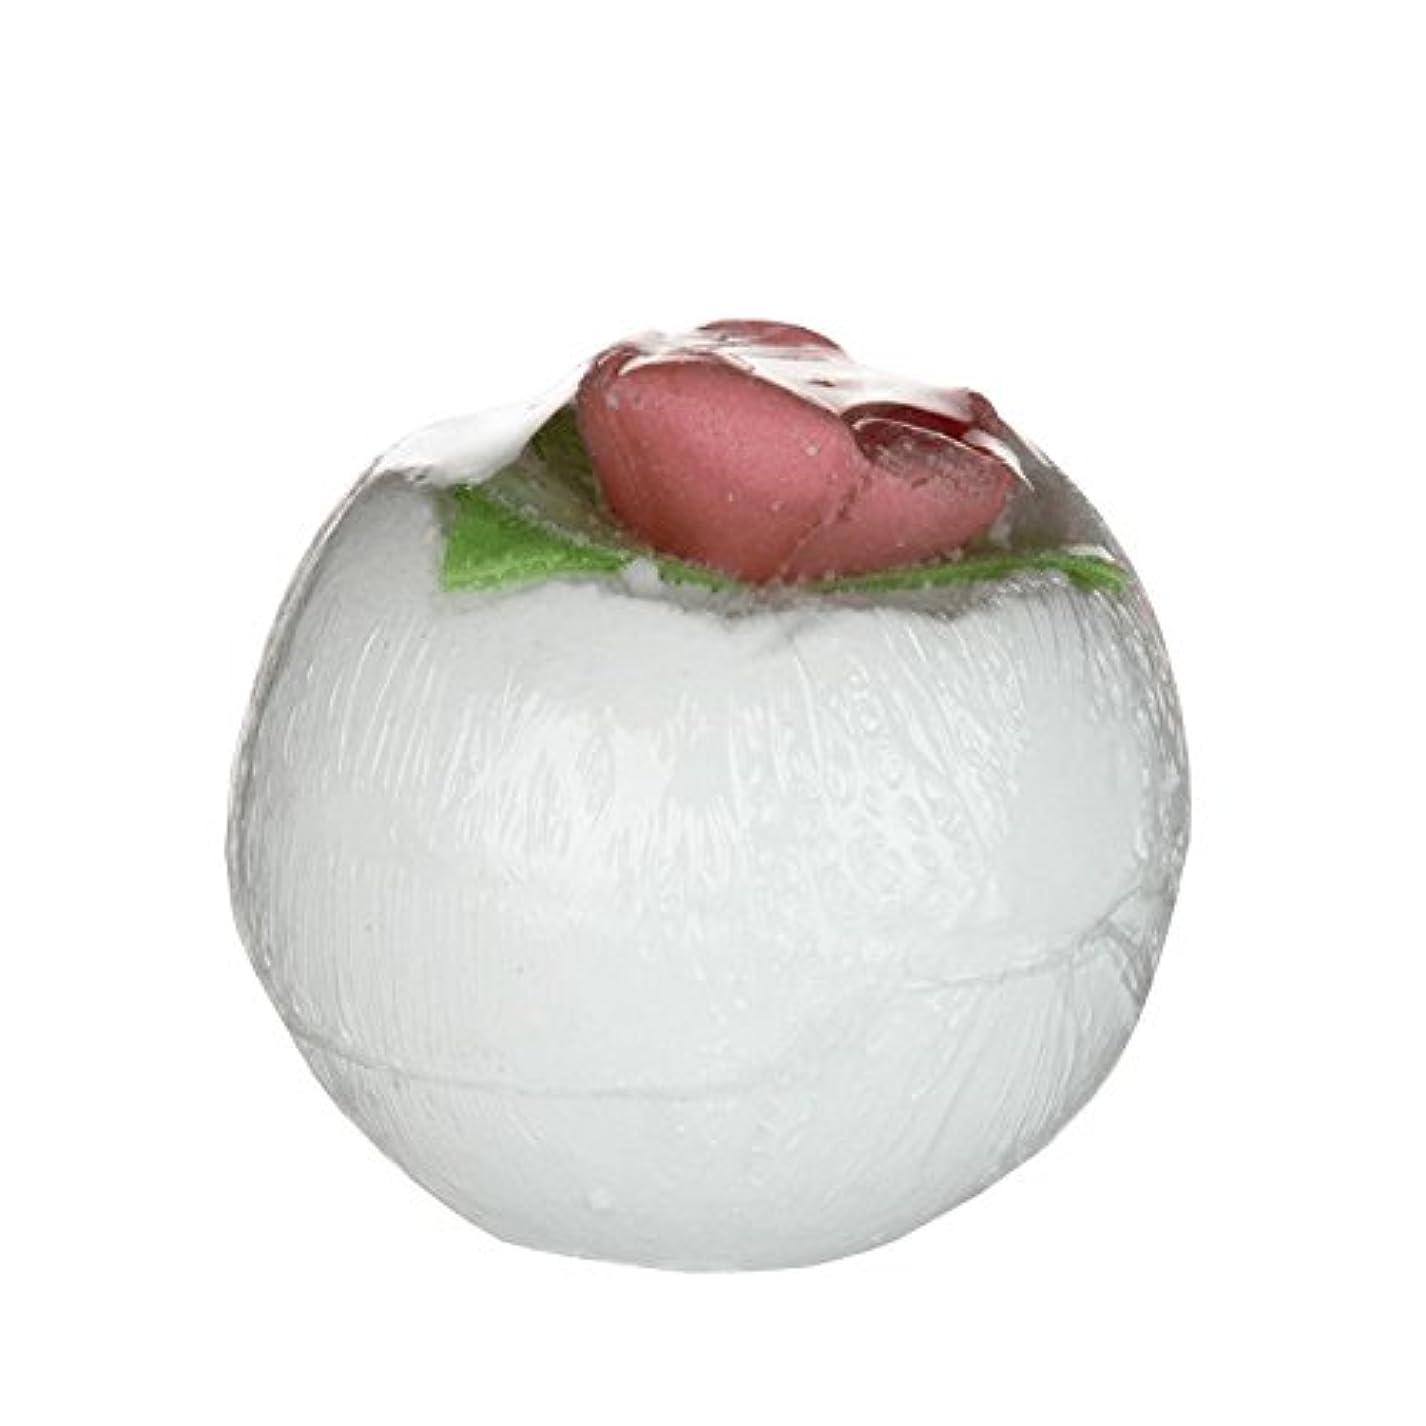 ロープ泣き叫ぶにもかかわらずTreetsバスボール最愛の花170グラム - Treets Bath Ball Darling Flower 170g (Treets) [並行輸入品]